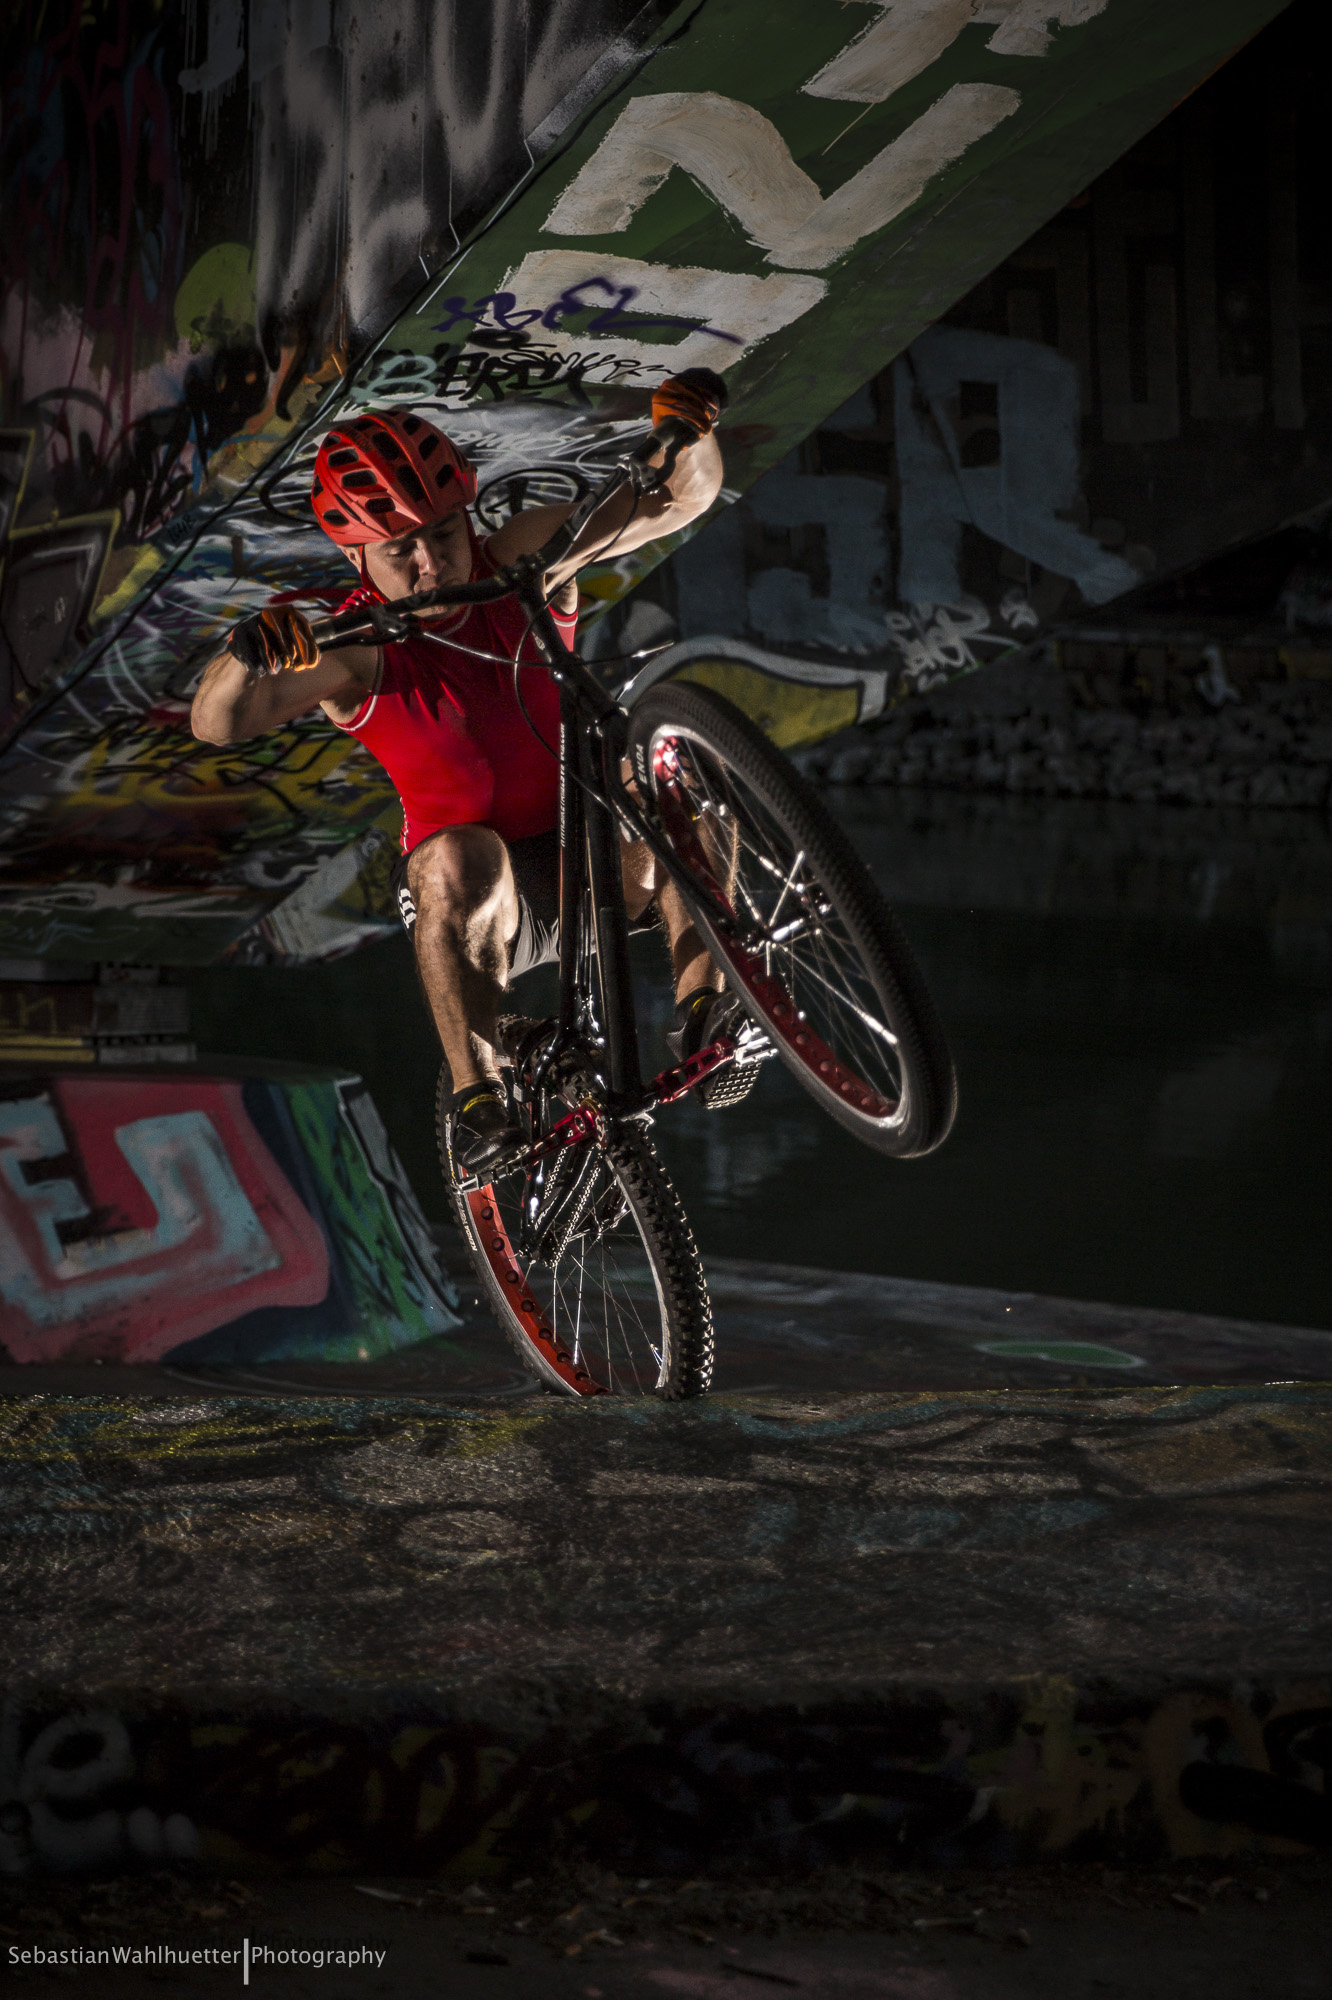 Biketrial-Wahlhuetter-Vienna-DK-10